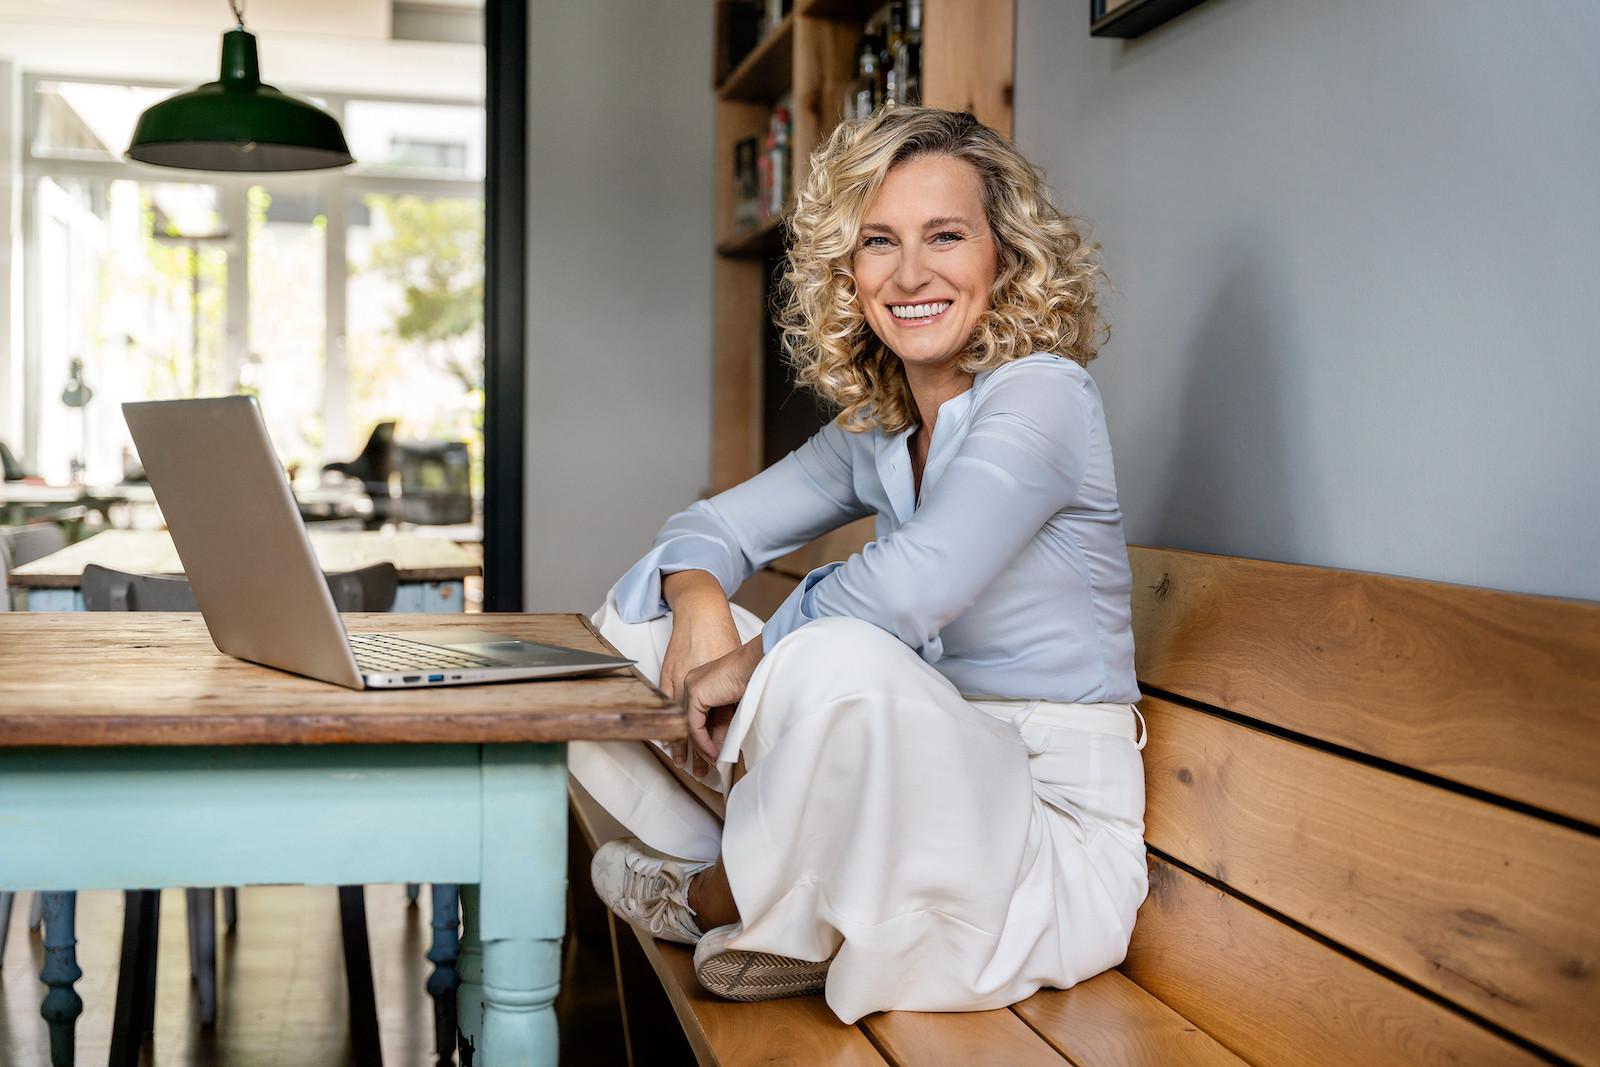 legere Business Aufnahme, Frau mit lockigem Haar im Schneidersitz